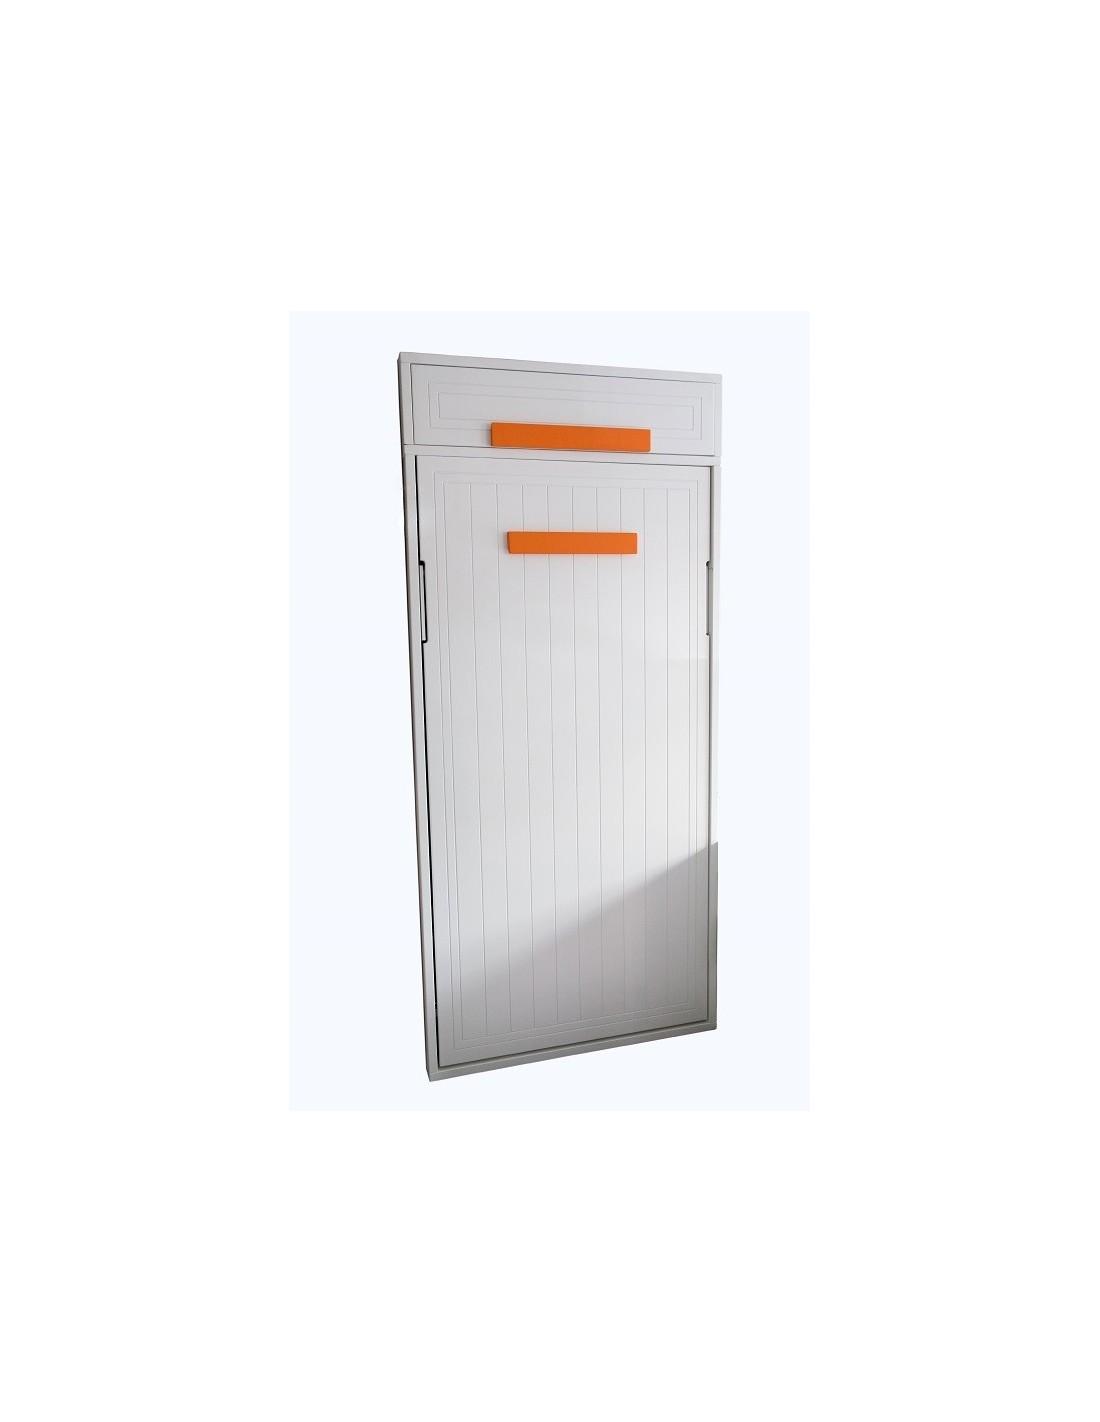 Oferta de cama abatible vertical lacada en blanco for Liquidacion camas nido